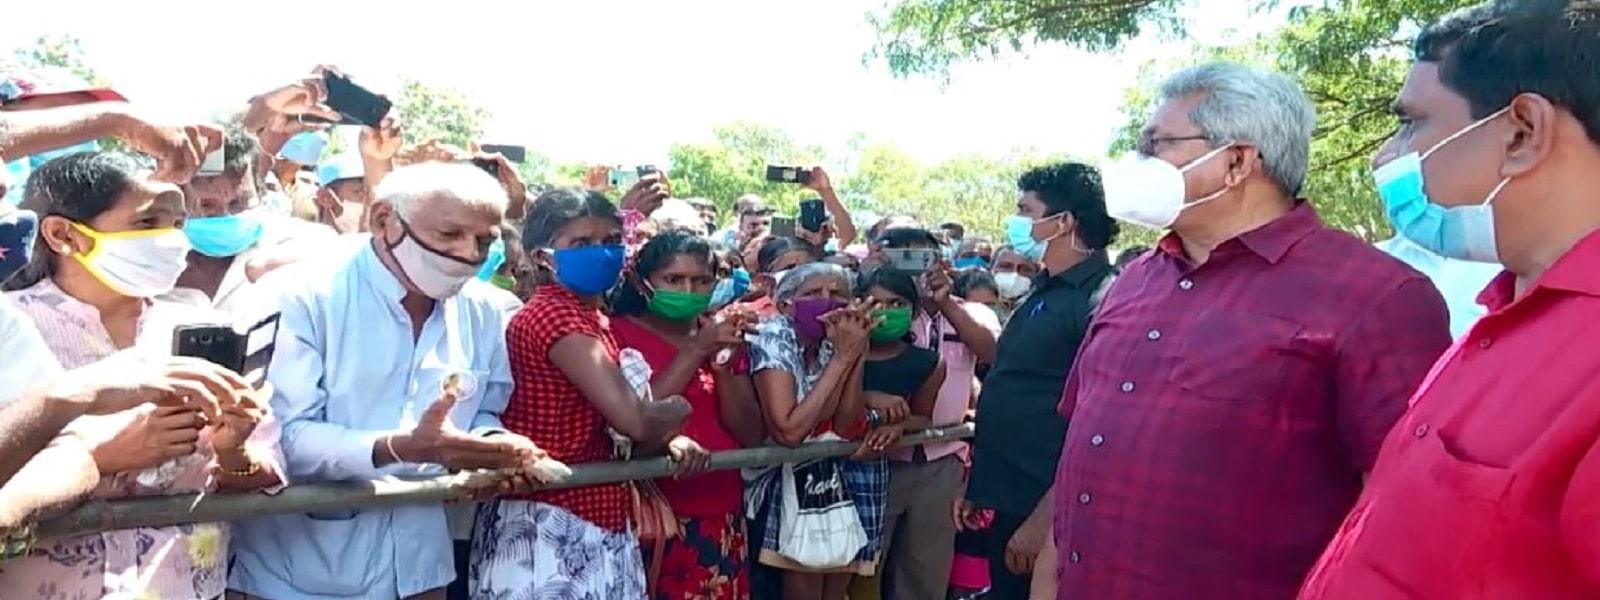 மொனராகலையில் மக்கள் சந்திப்புகளில் ஈடுபட்டார் ஜனாதிபதி